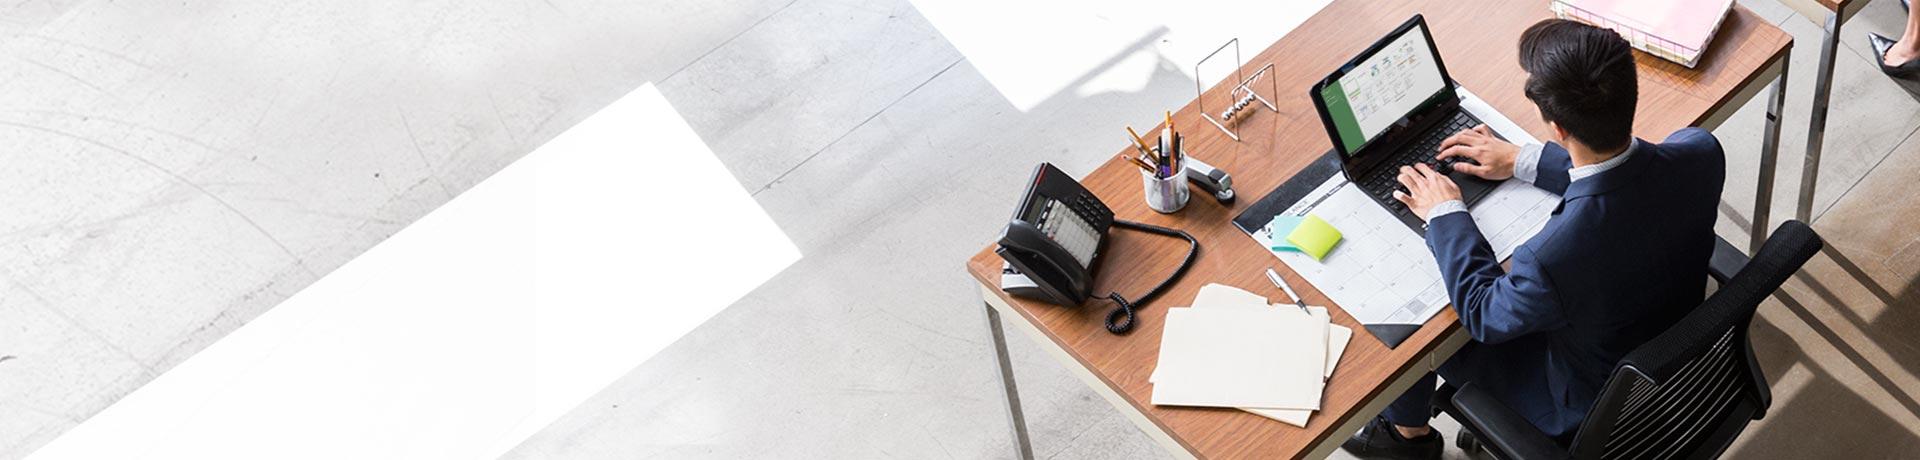 Muškarac sjedi za radnim stolom u uredu i radi na datoteci programa Microsoft Project na prijenosnom računalu.